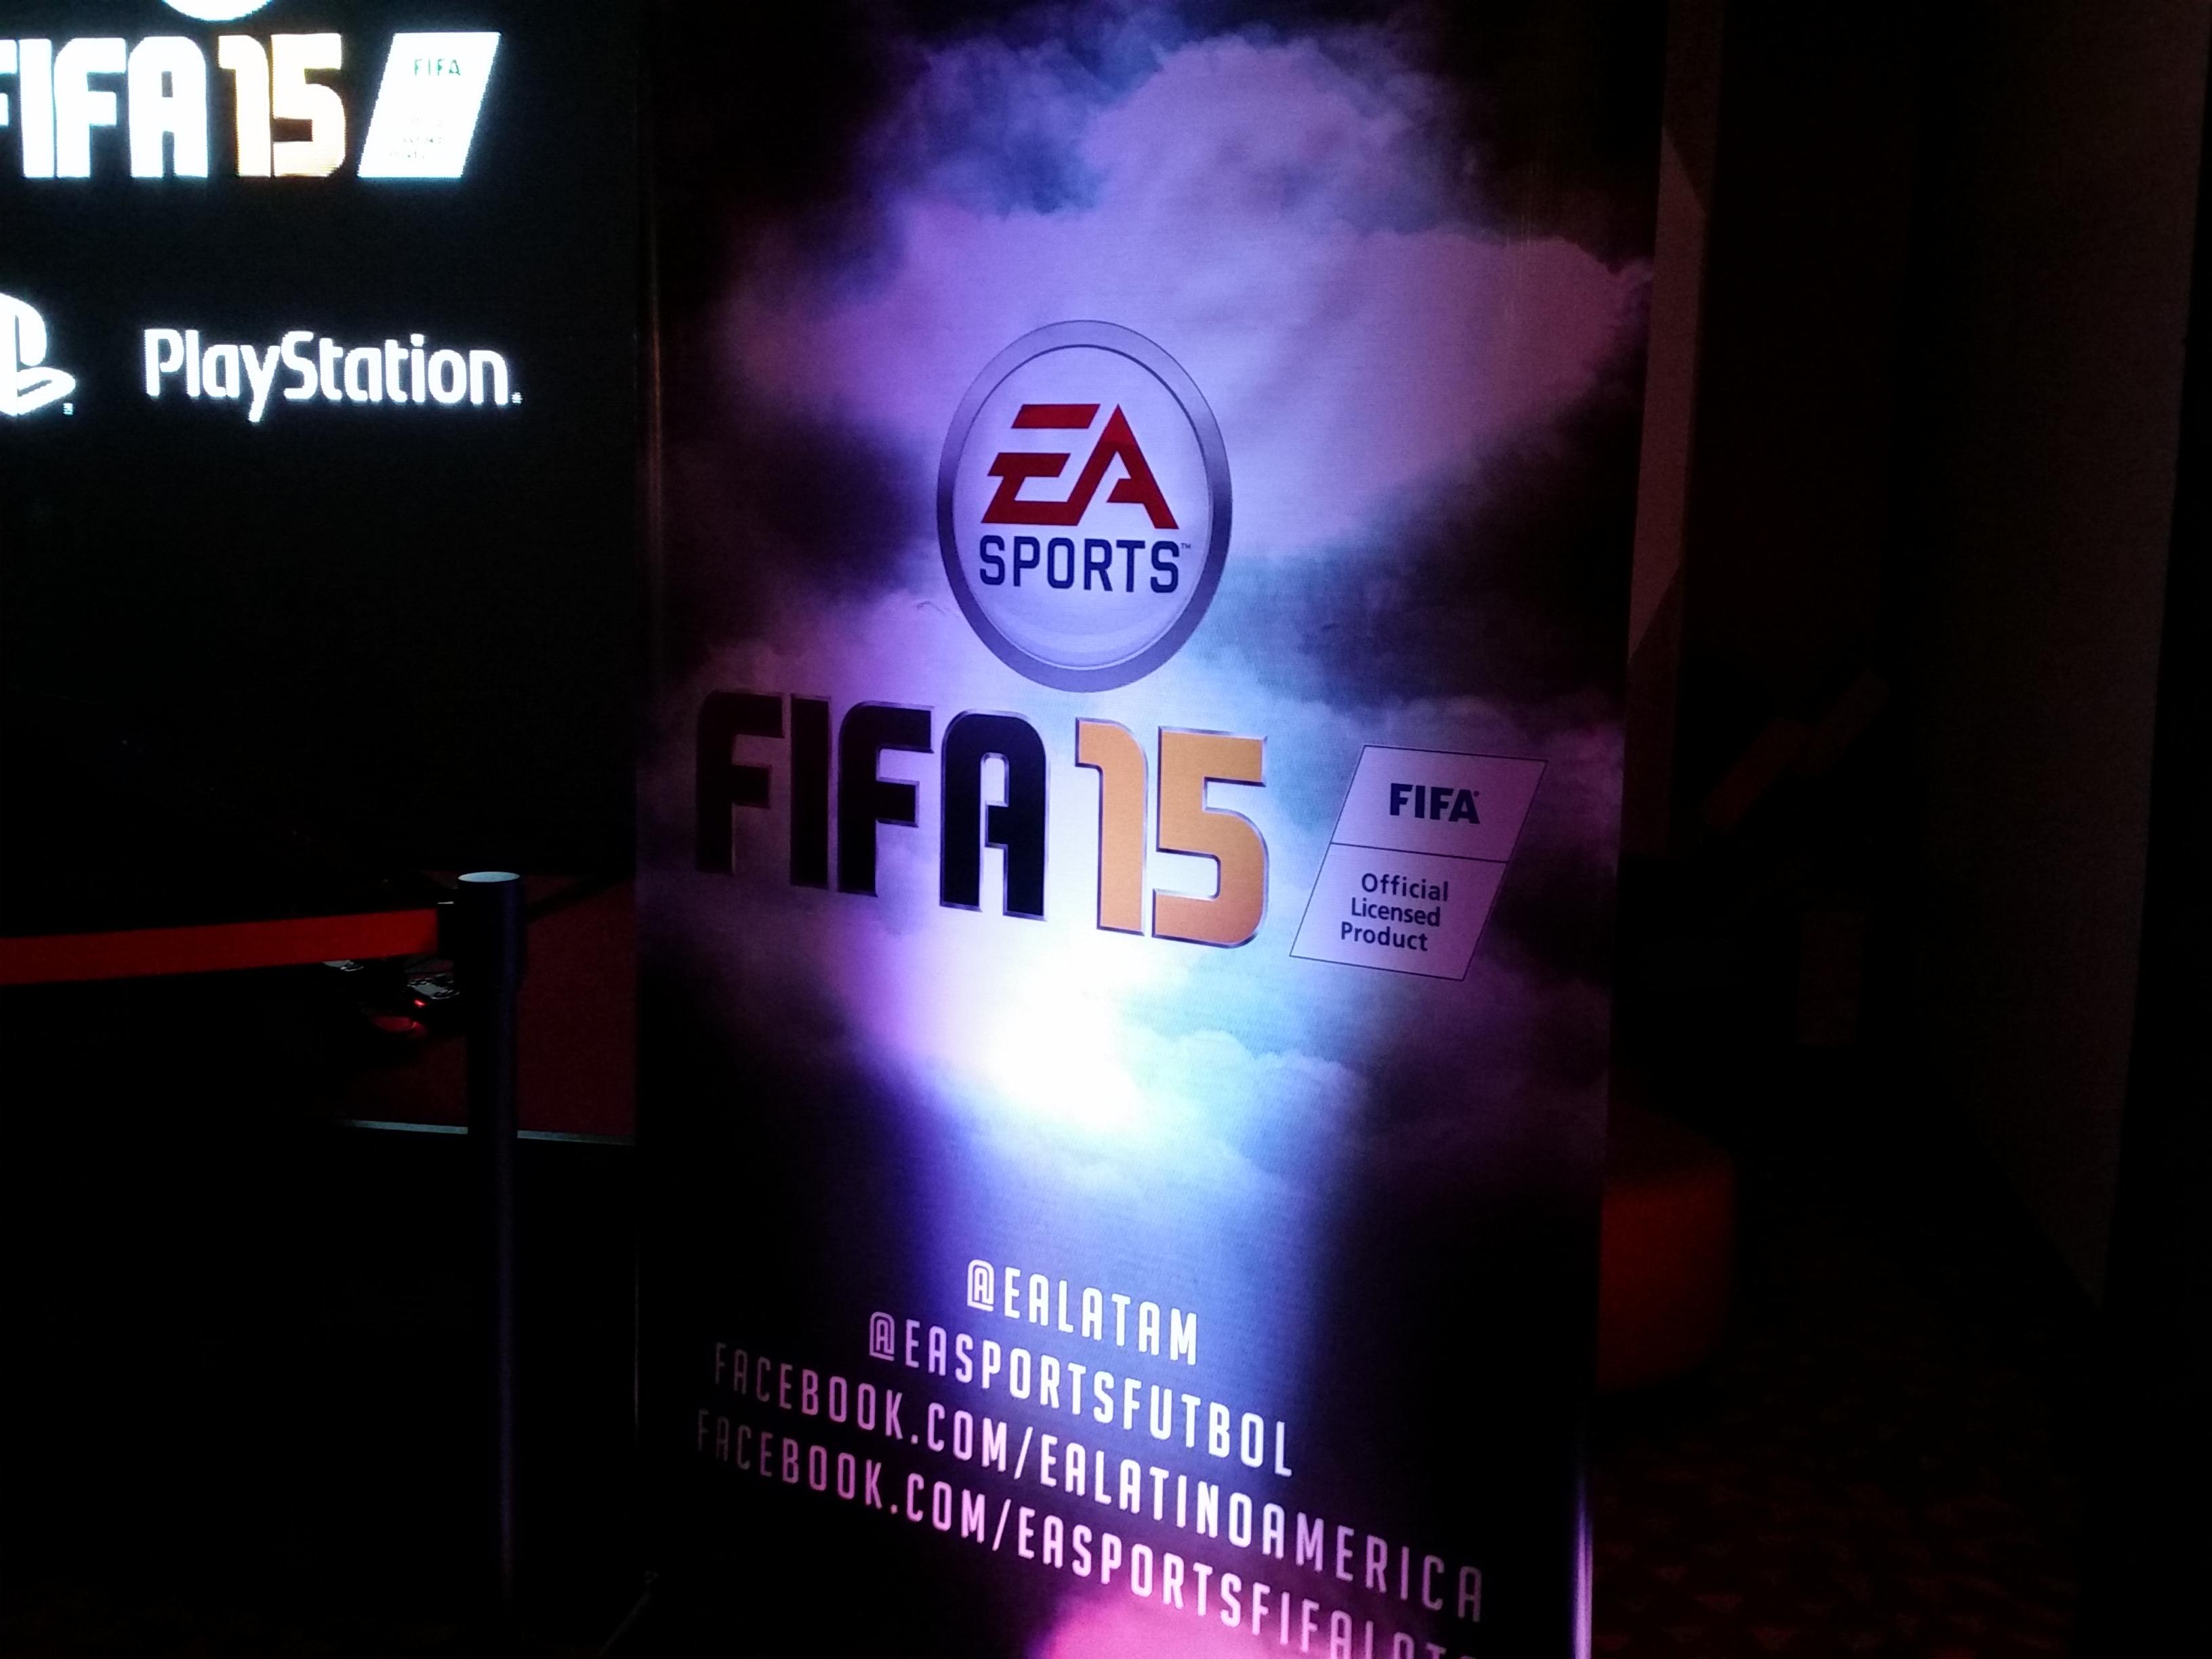 LagZero estuvo en la presentación de FIFA 15 en Chile [Anuncios]